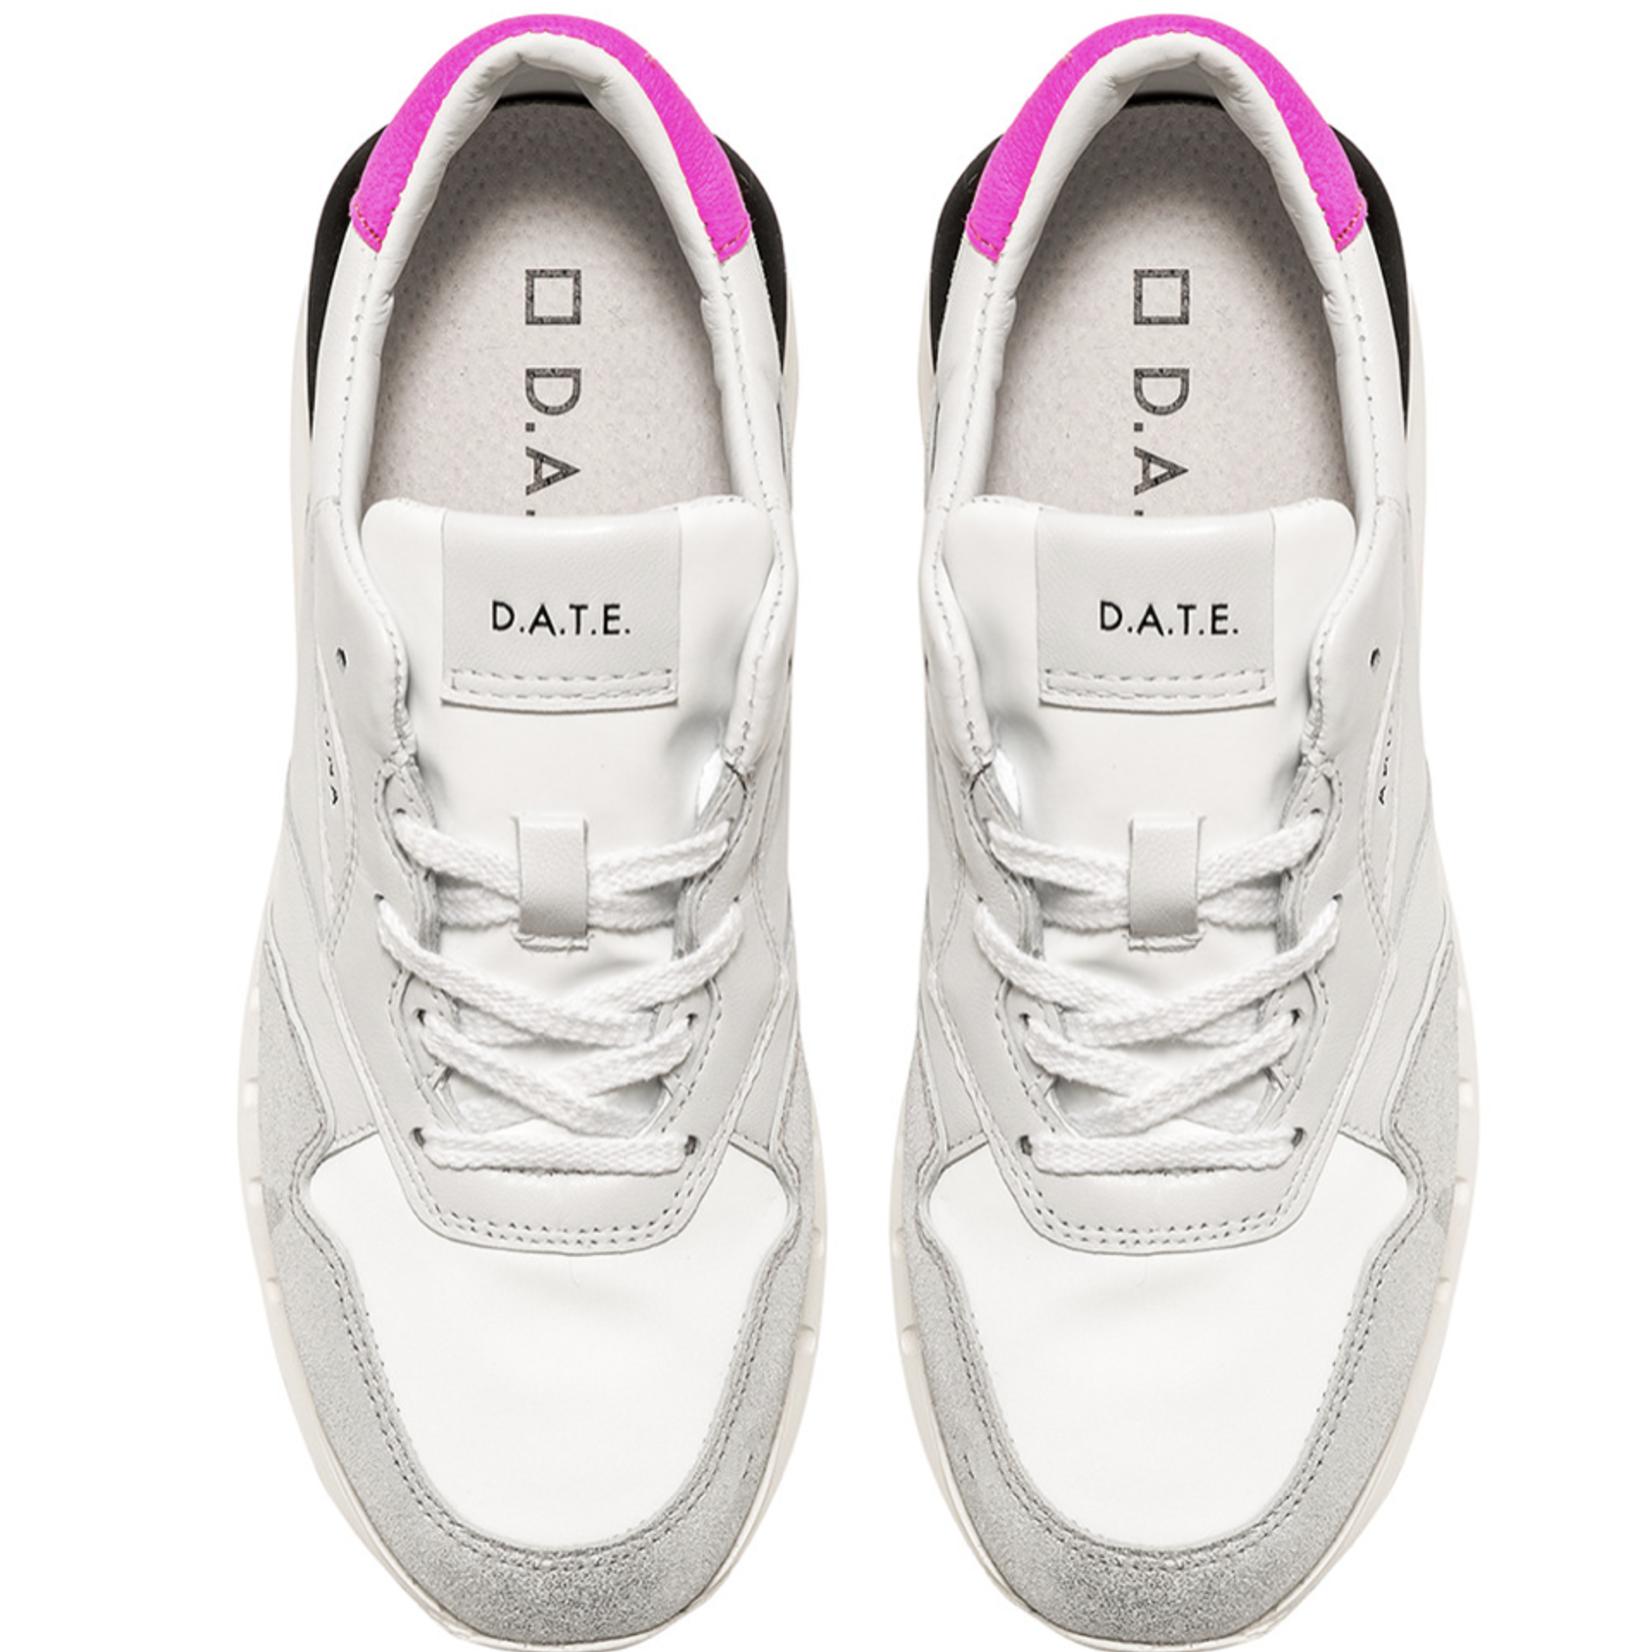 D.A.T.E. Date sneaker Luna